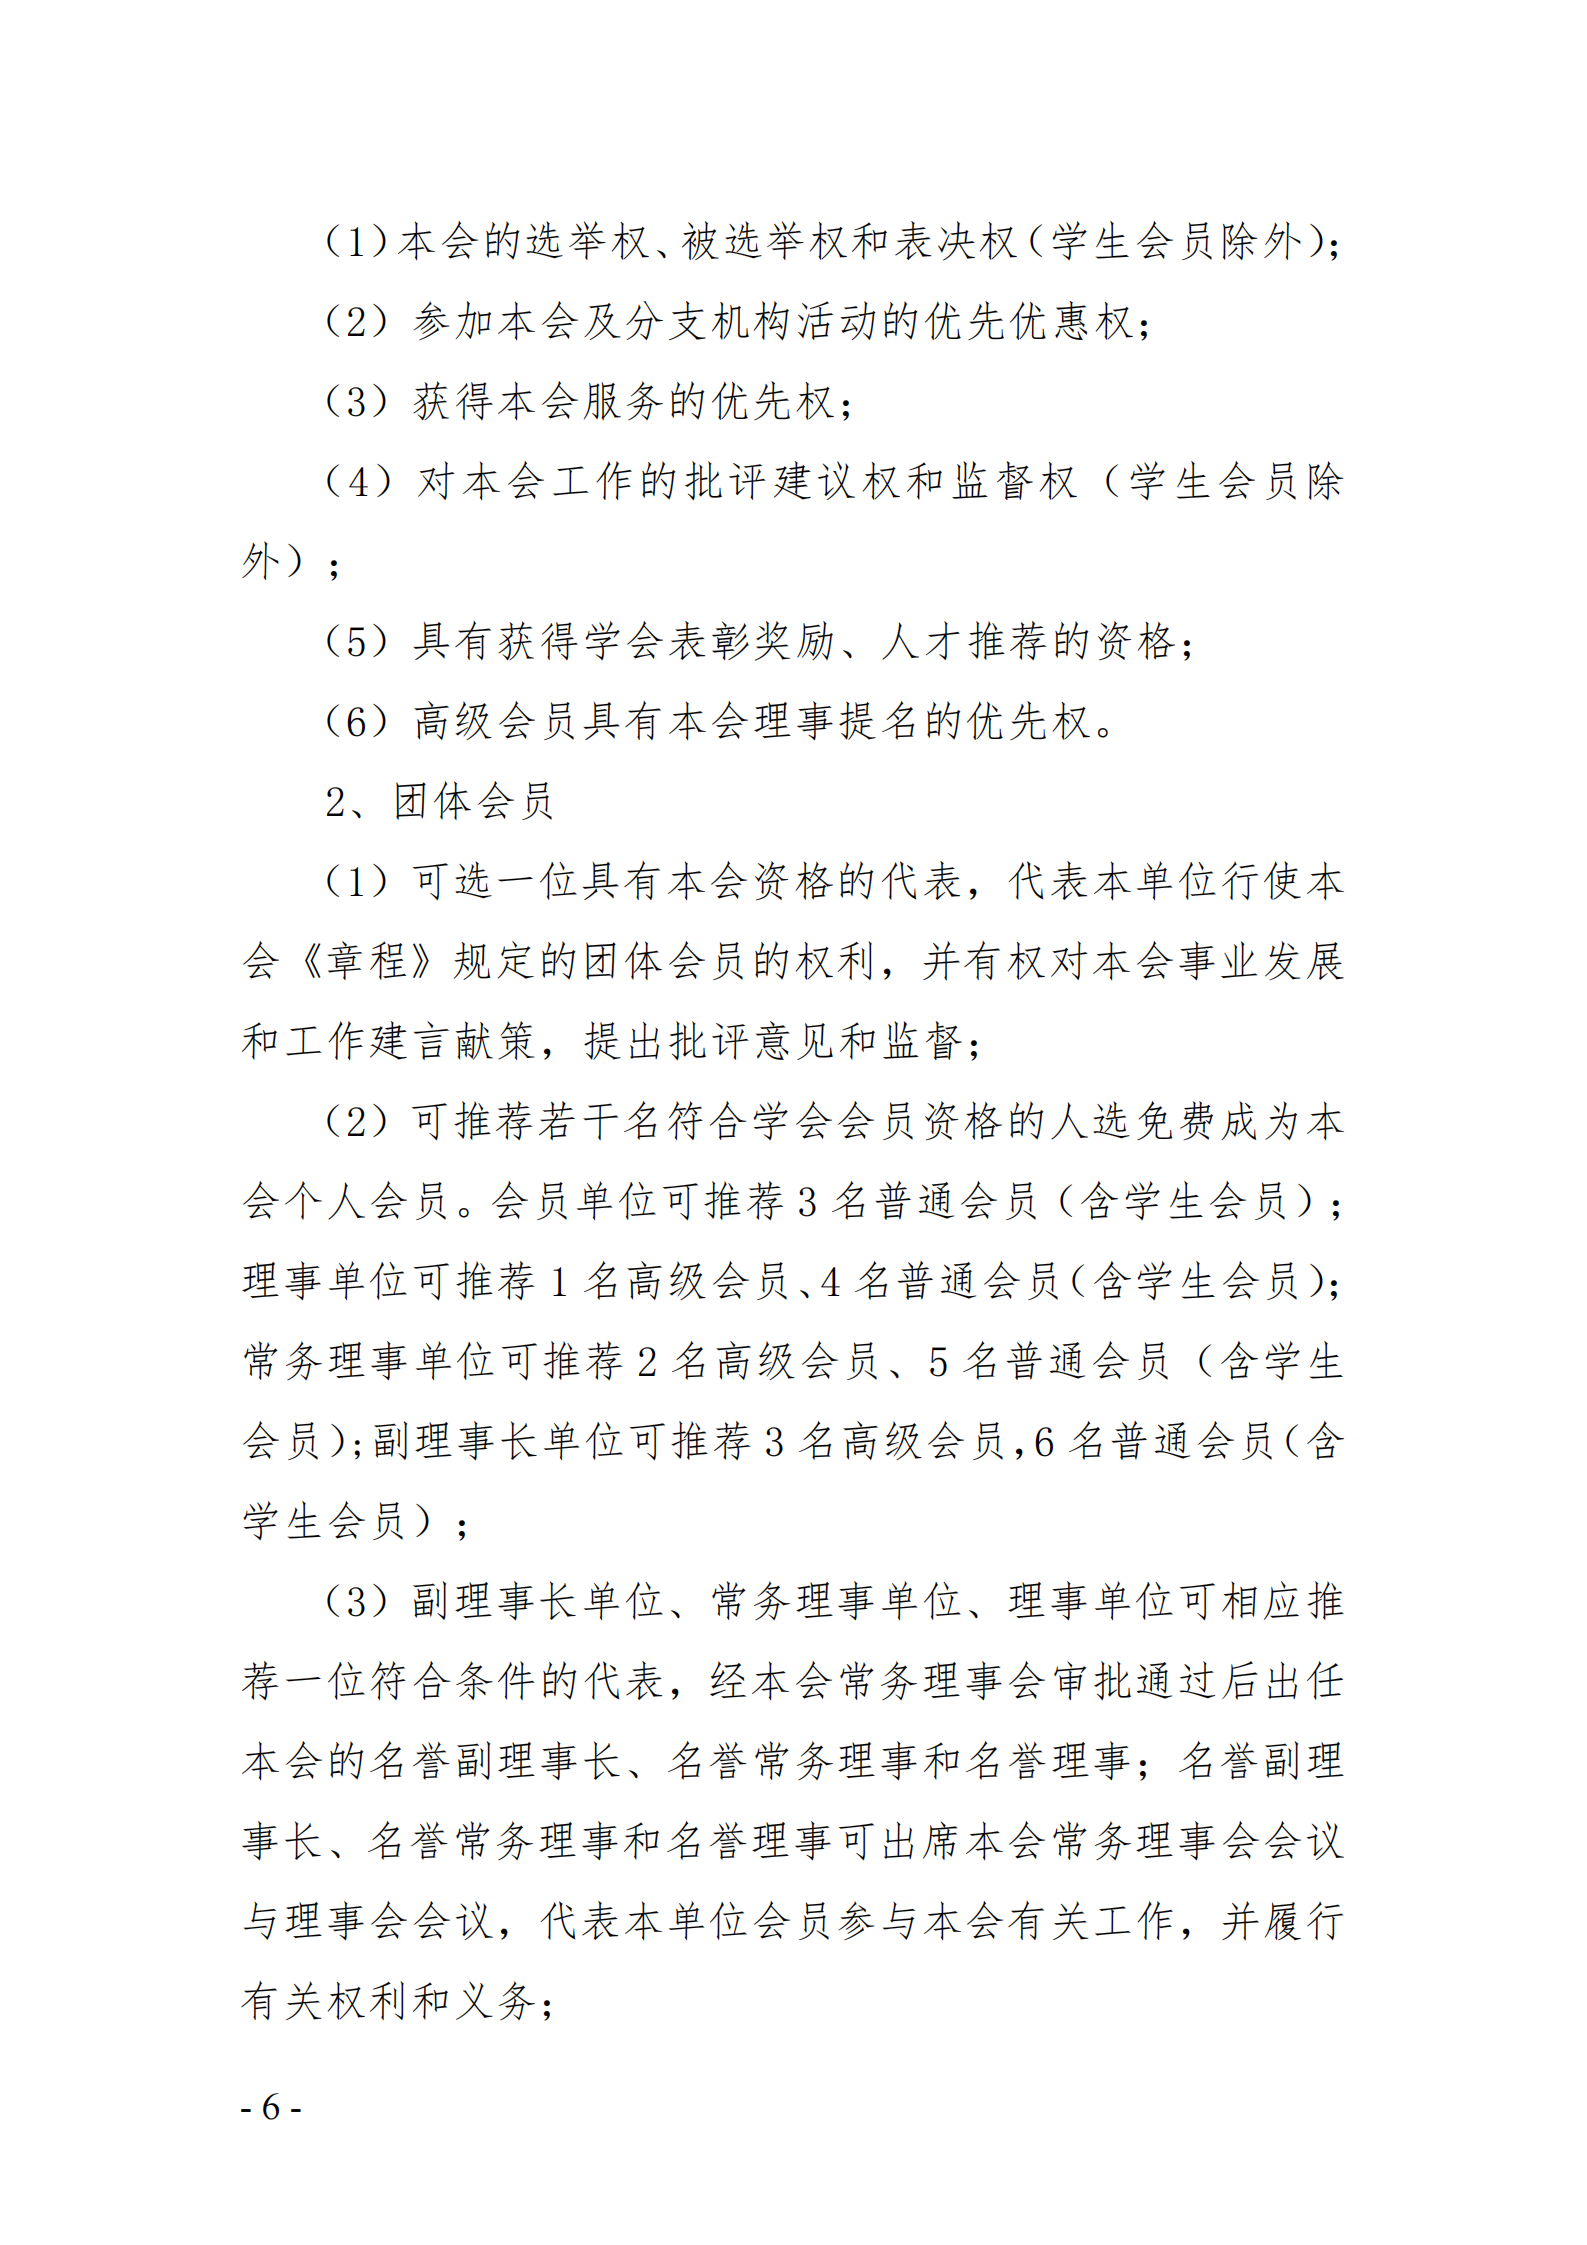 甘环学发【2021】3号 关于缴纳2021年甘肃省环境科学学会团体会员会费的通知_05.png